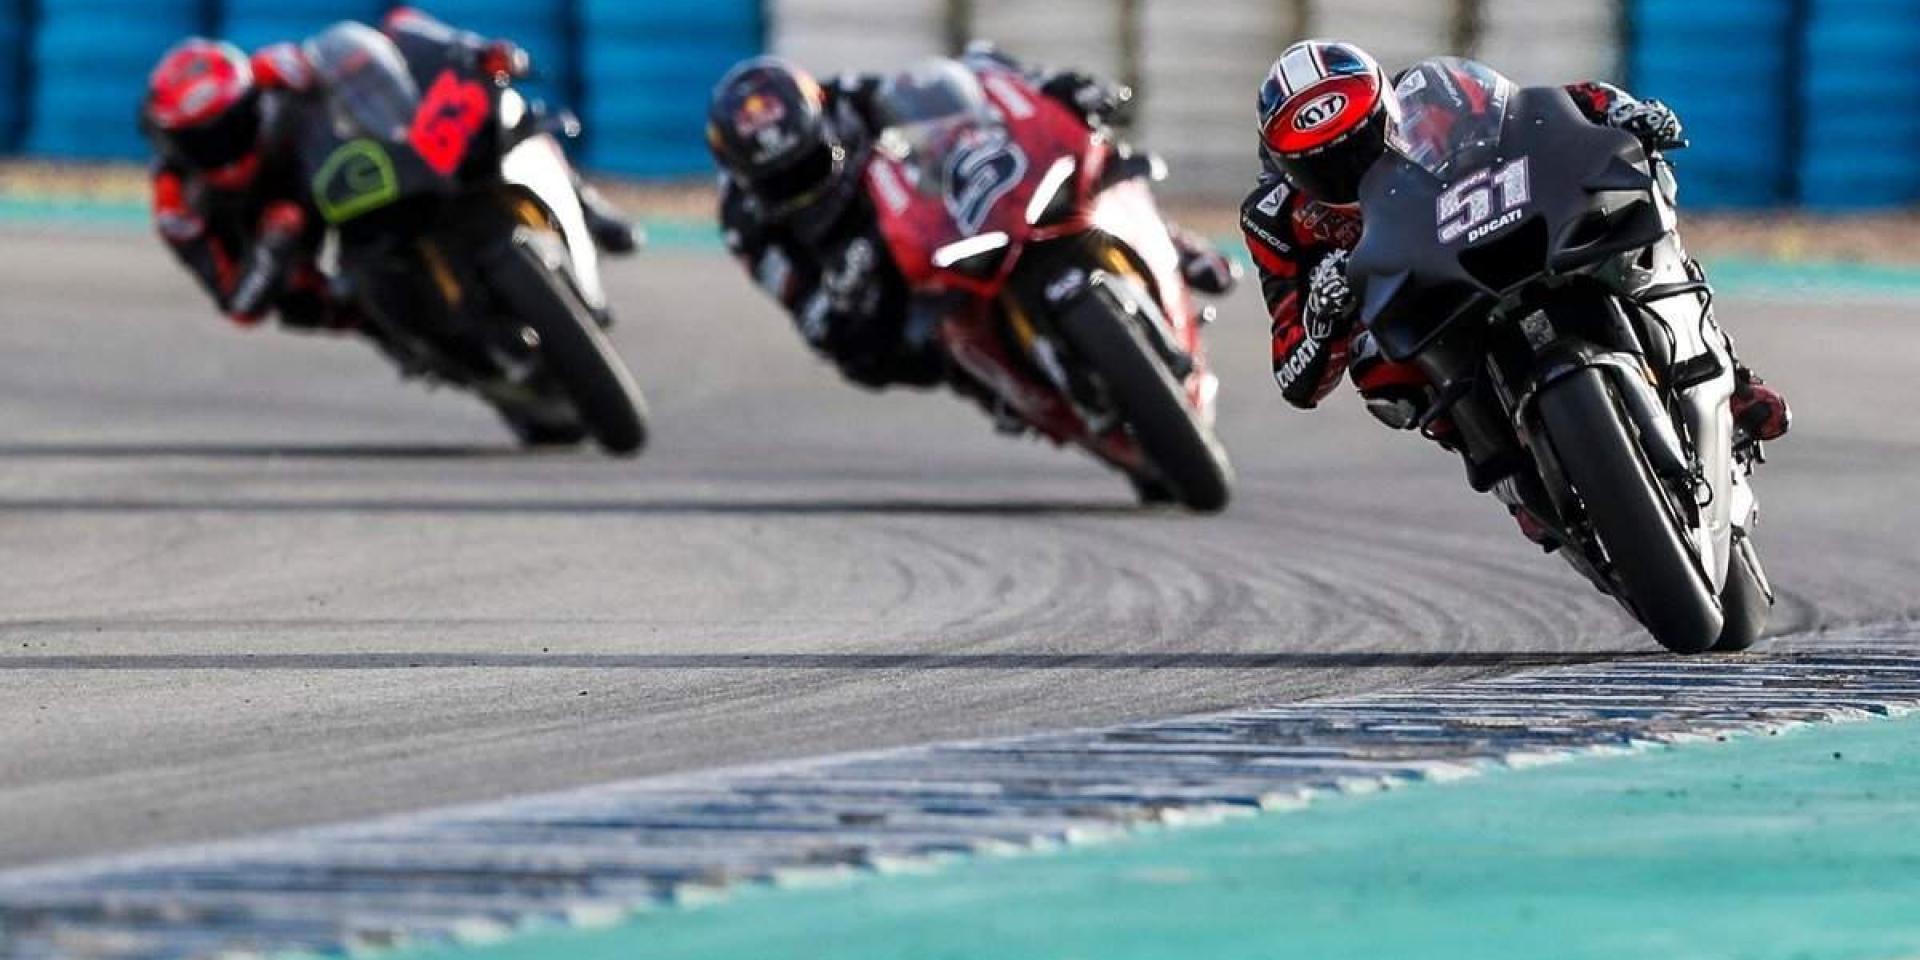 源自賽道的基因!Ducati Panigale V4S只比MotoGP廠車慢2秒!